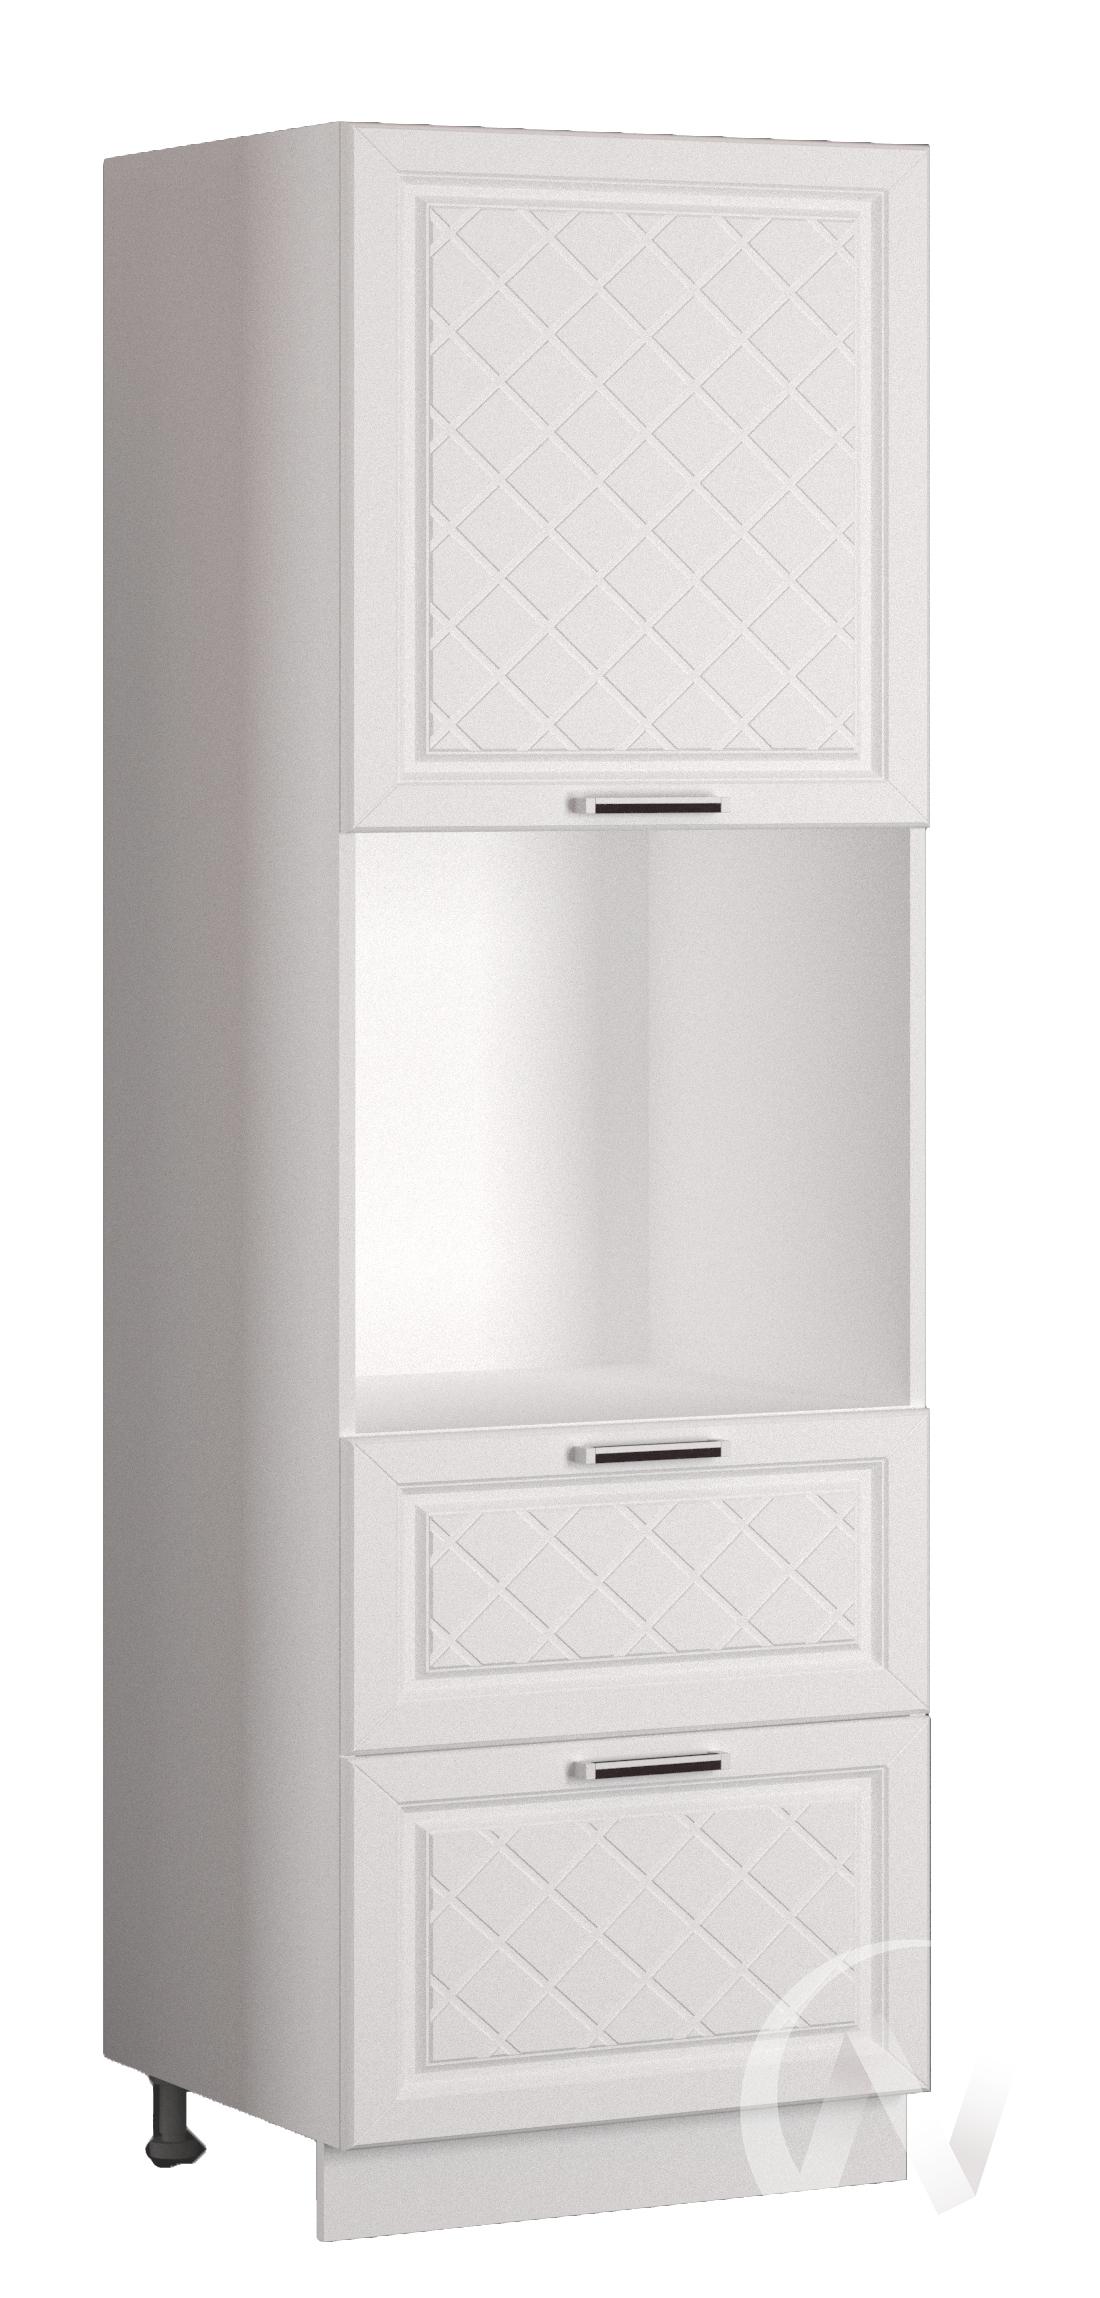 """Кухня """"Вена"""": Шкаф пенал с 2-мя ящиками 600, ШП2Я 600 (корпус белый)"""